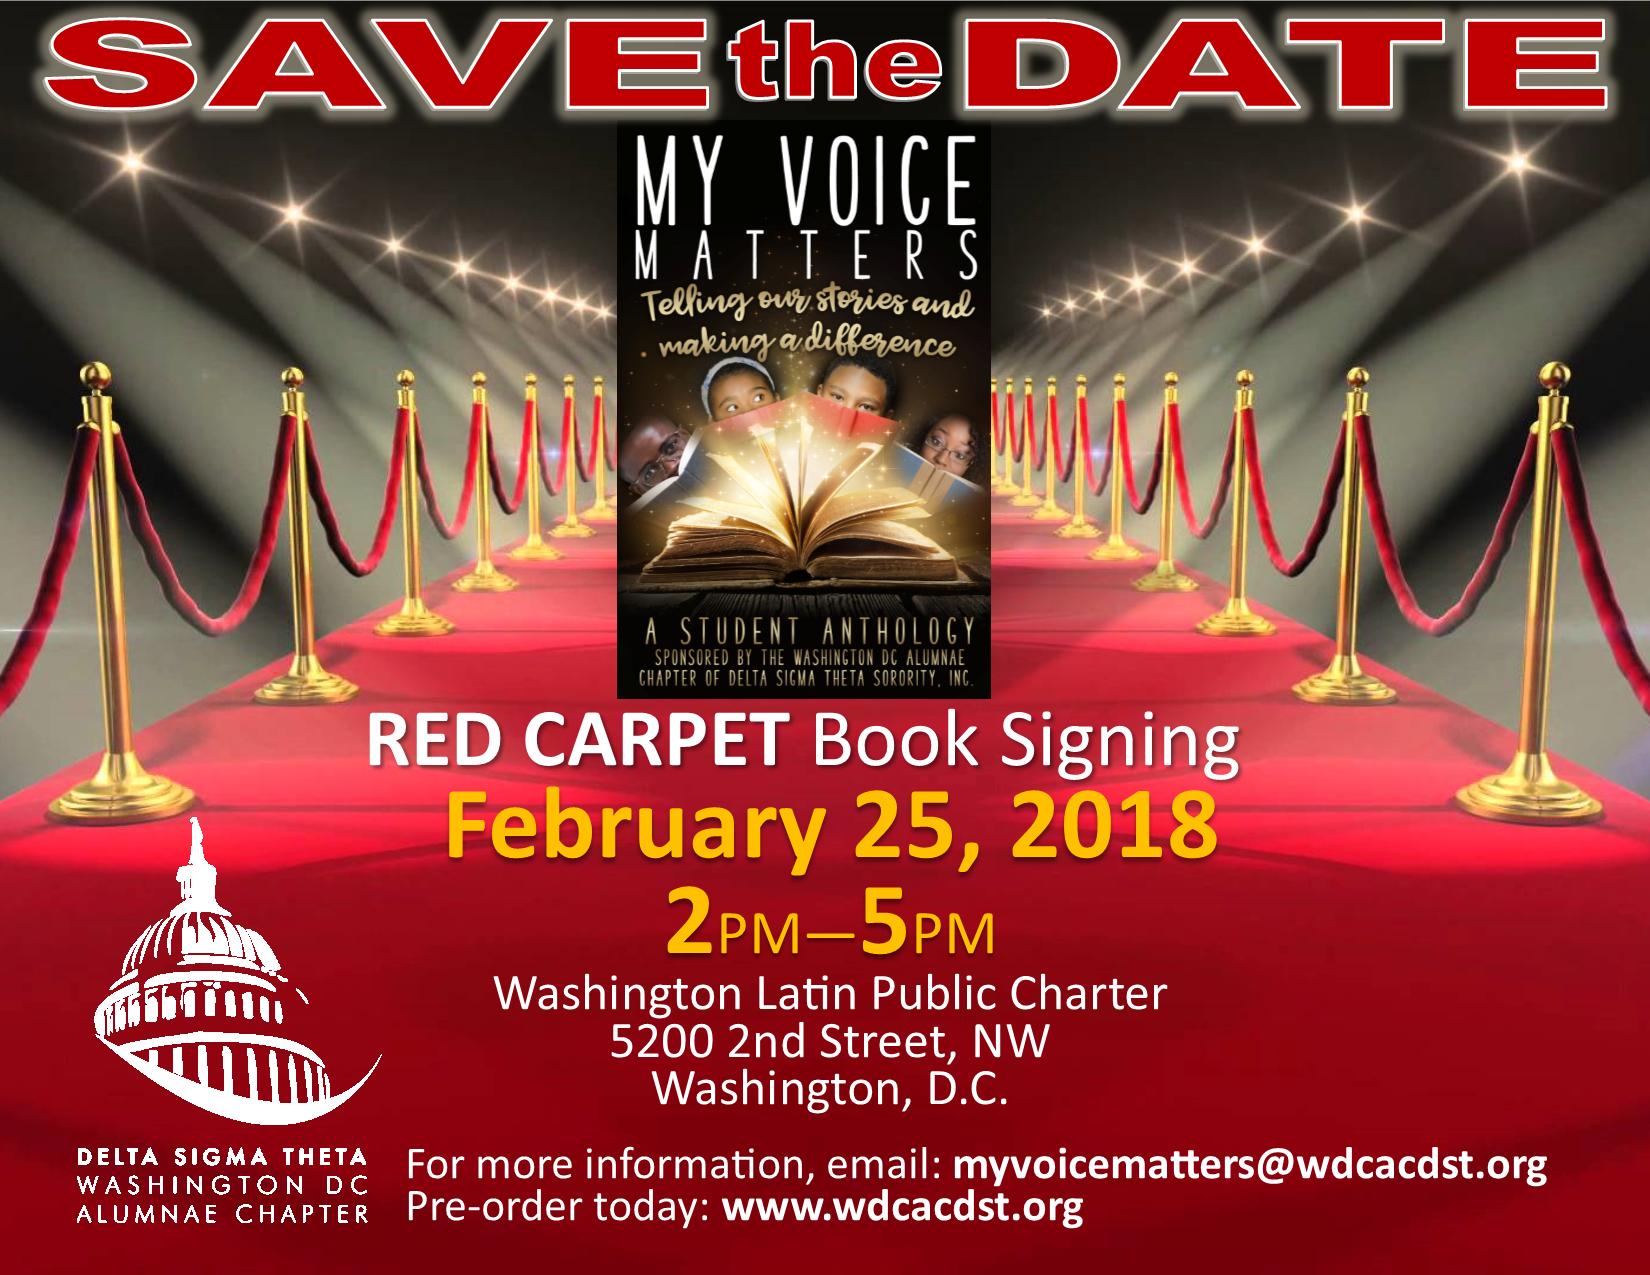 Red Carpet Book Signing